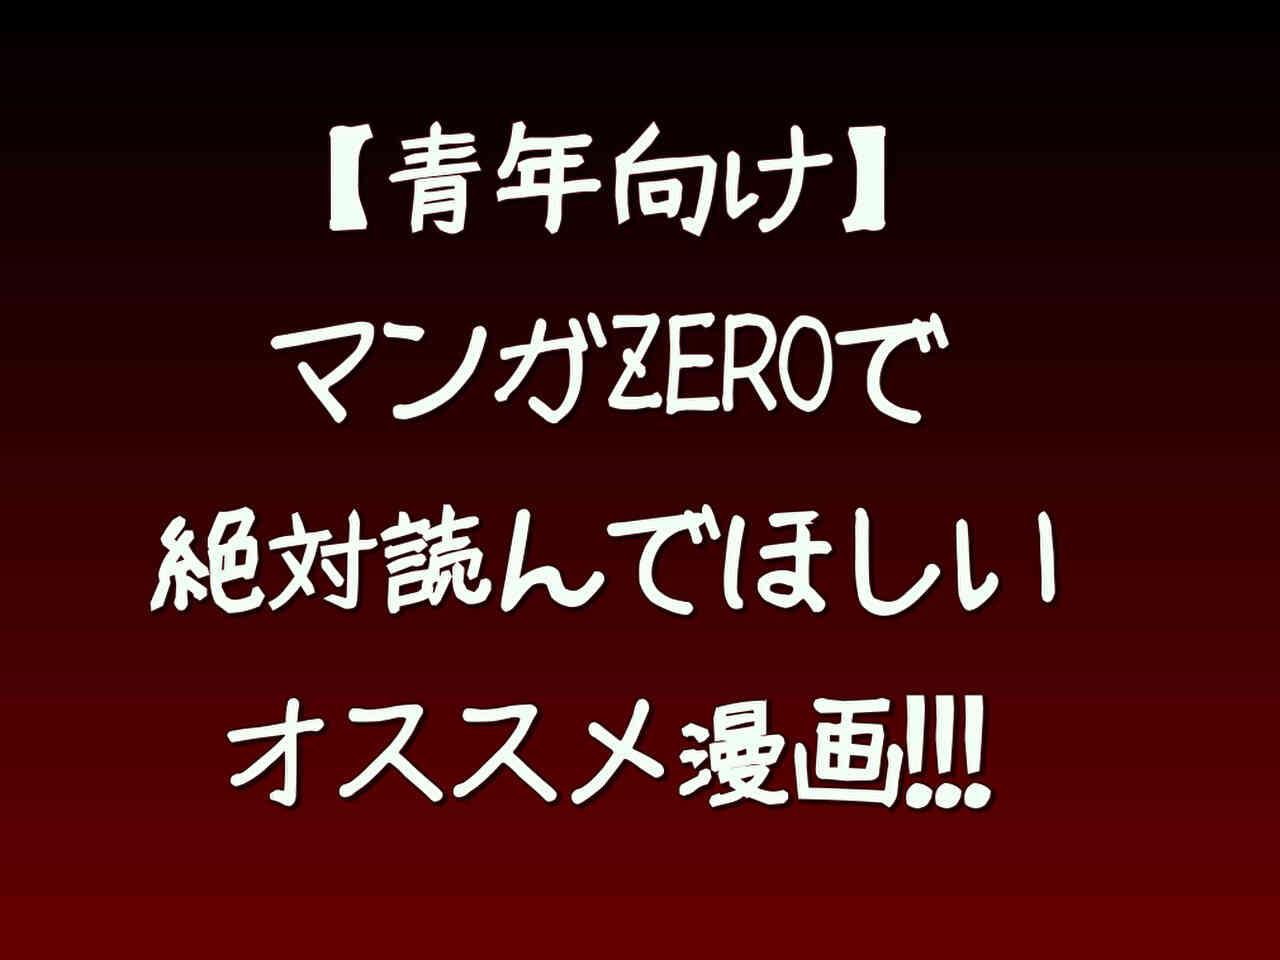 【青年向け】マンガZEROで絶対読んでほしいオススメ漫画!!!